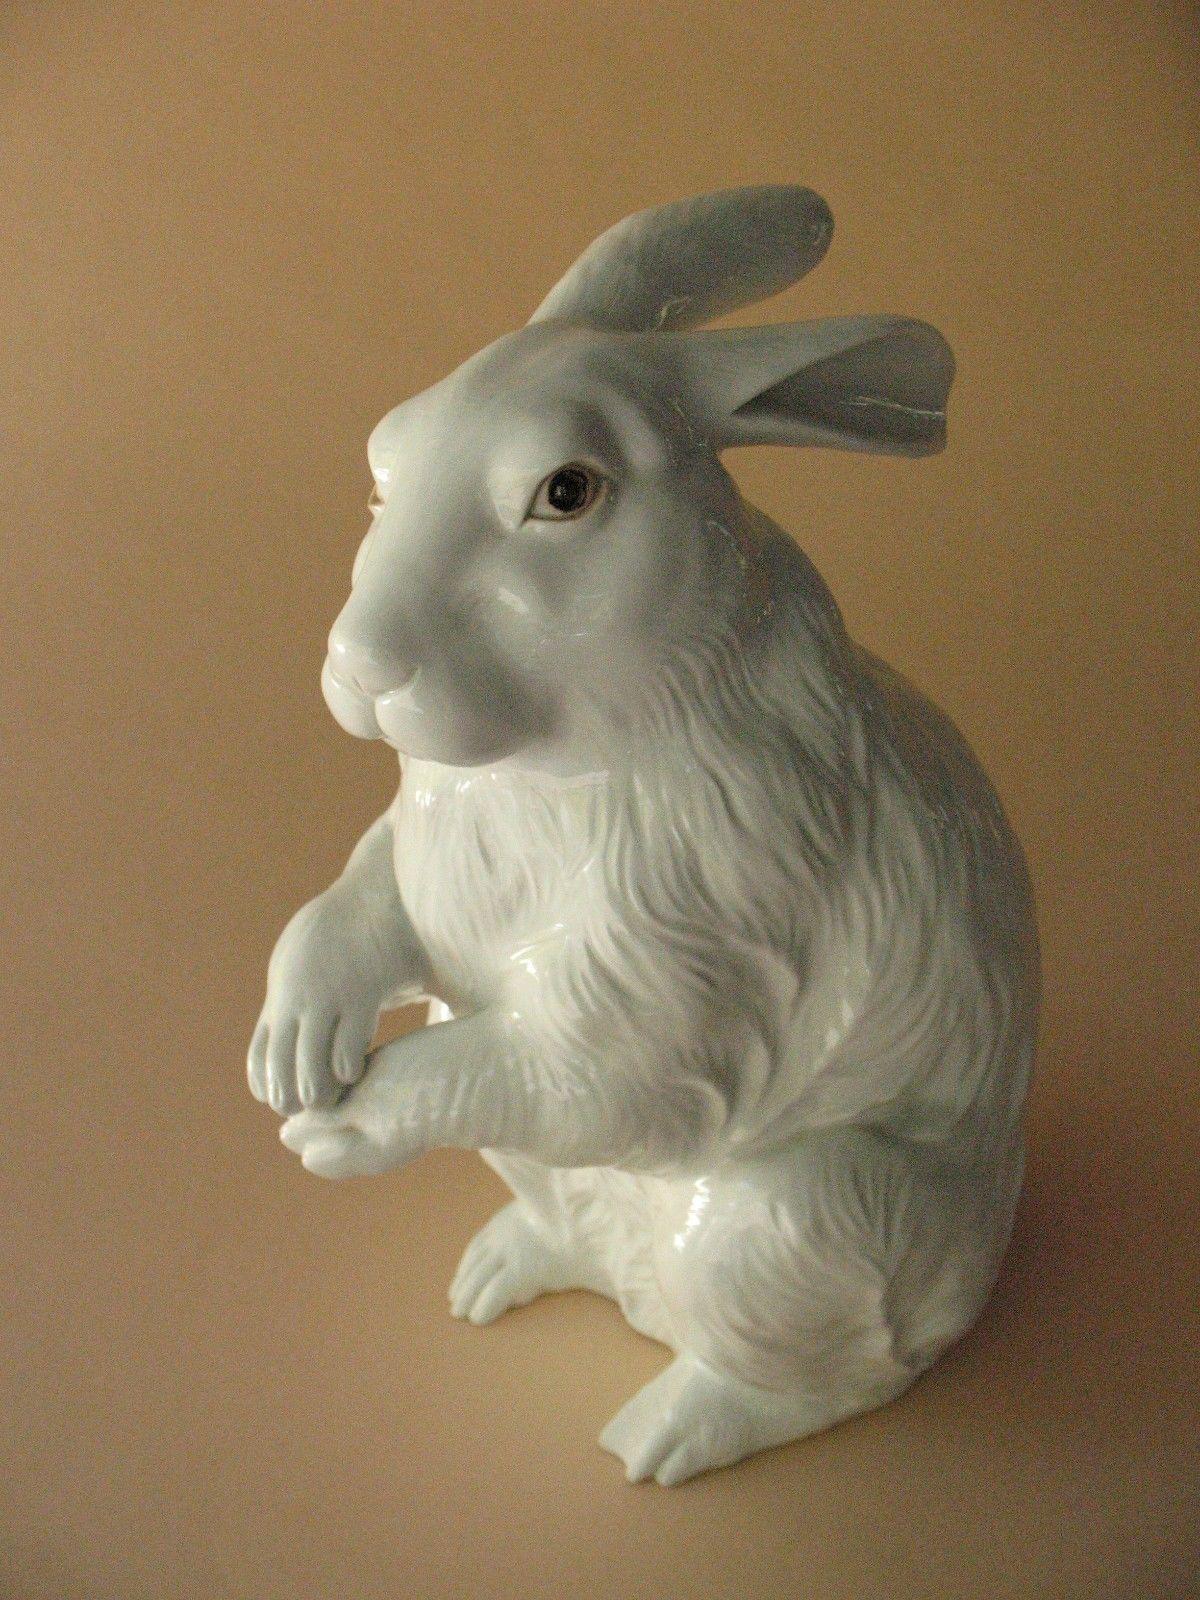 Старые недвижимости японский фарфор хирадо кролик заяц подпись белый arita статуя | eBay